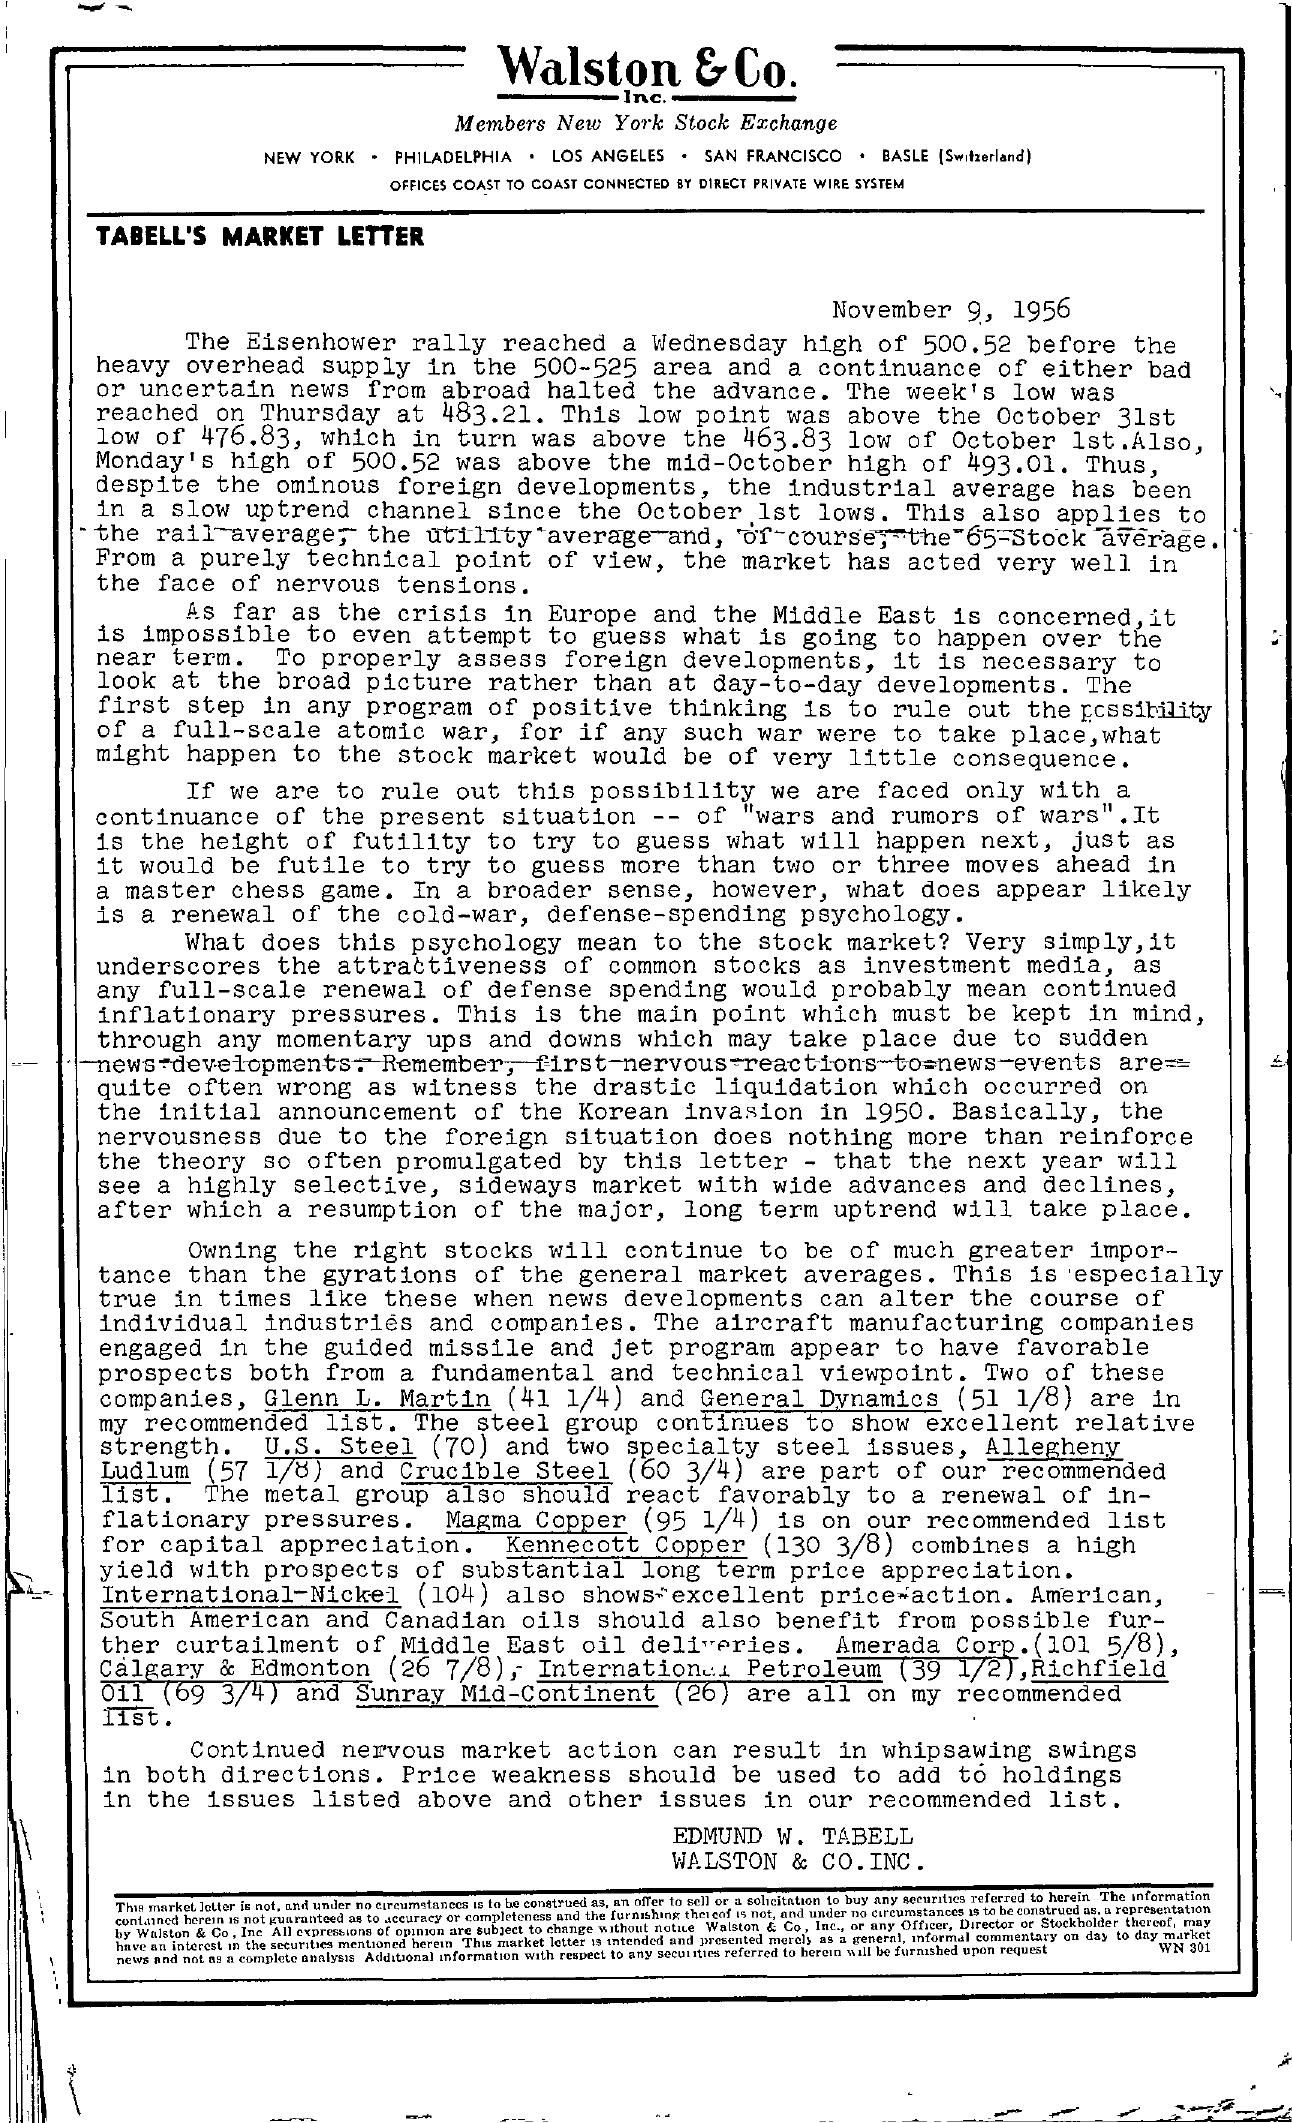 Tabell's Market Letter - November 09, 1956